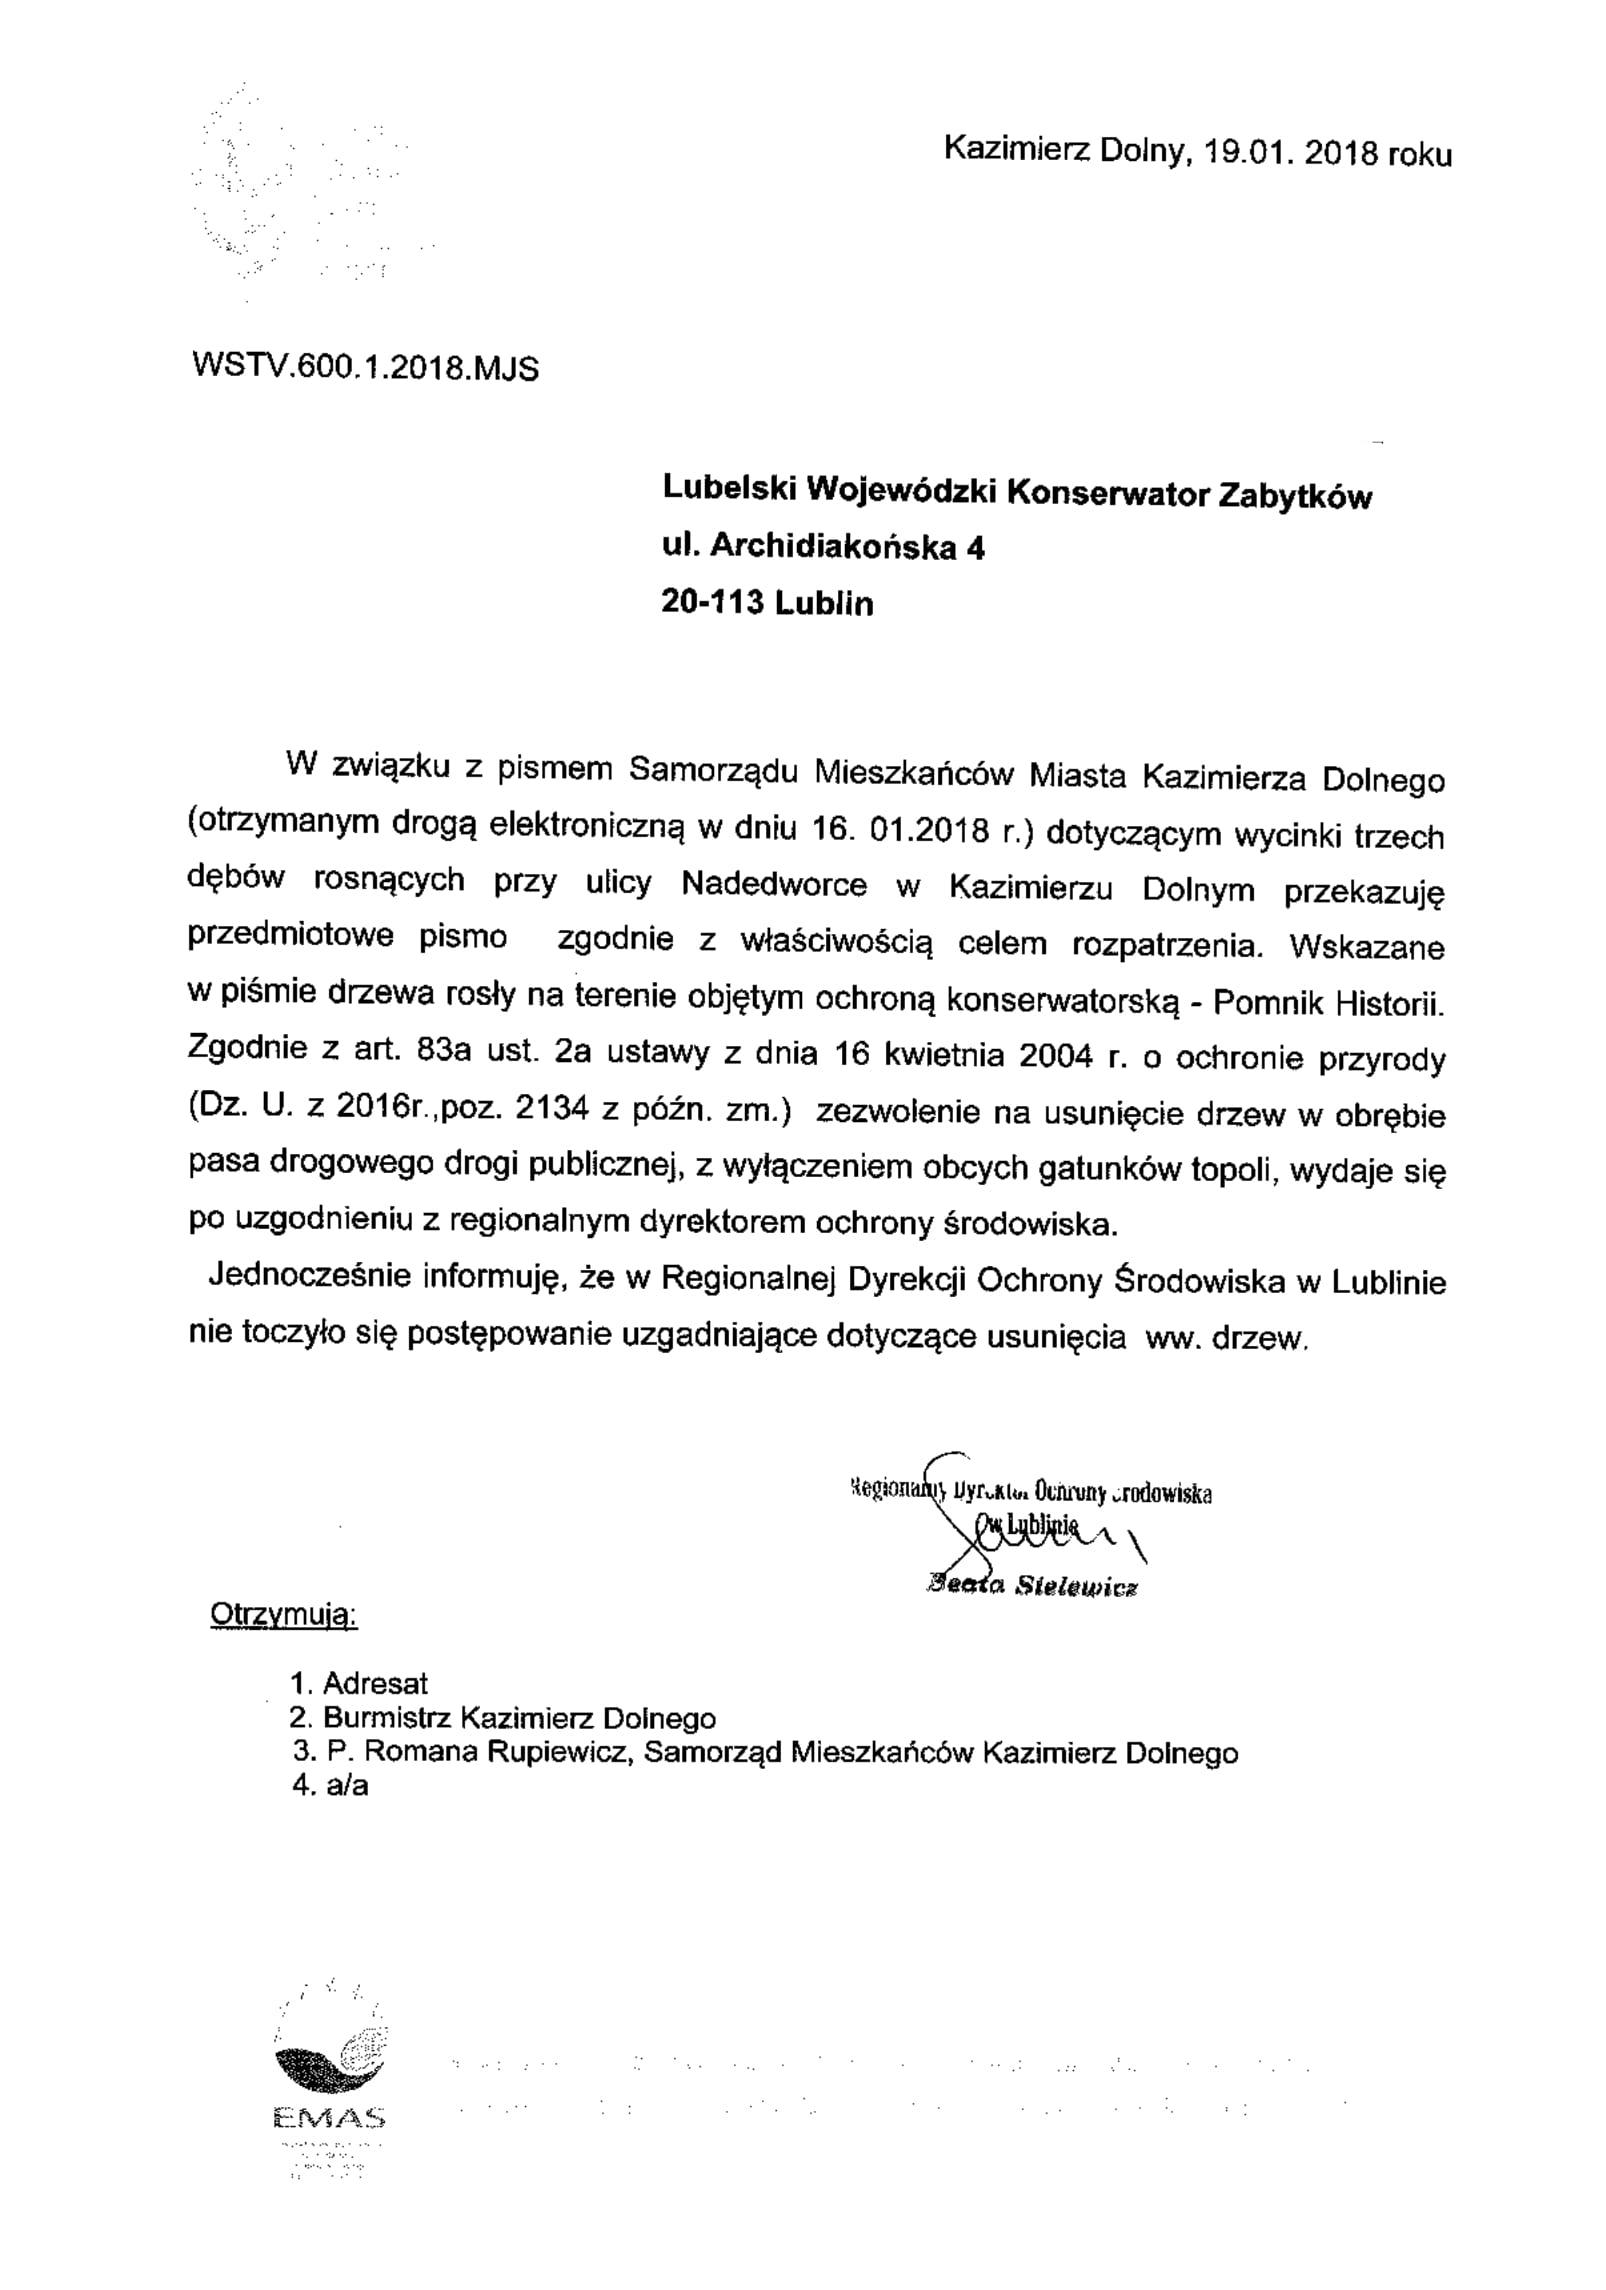 pismo WSTV.600.1.2018.MJS 1